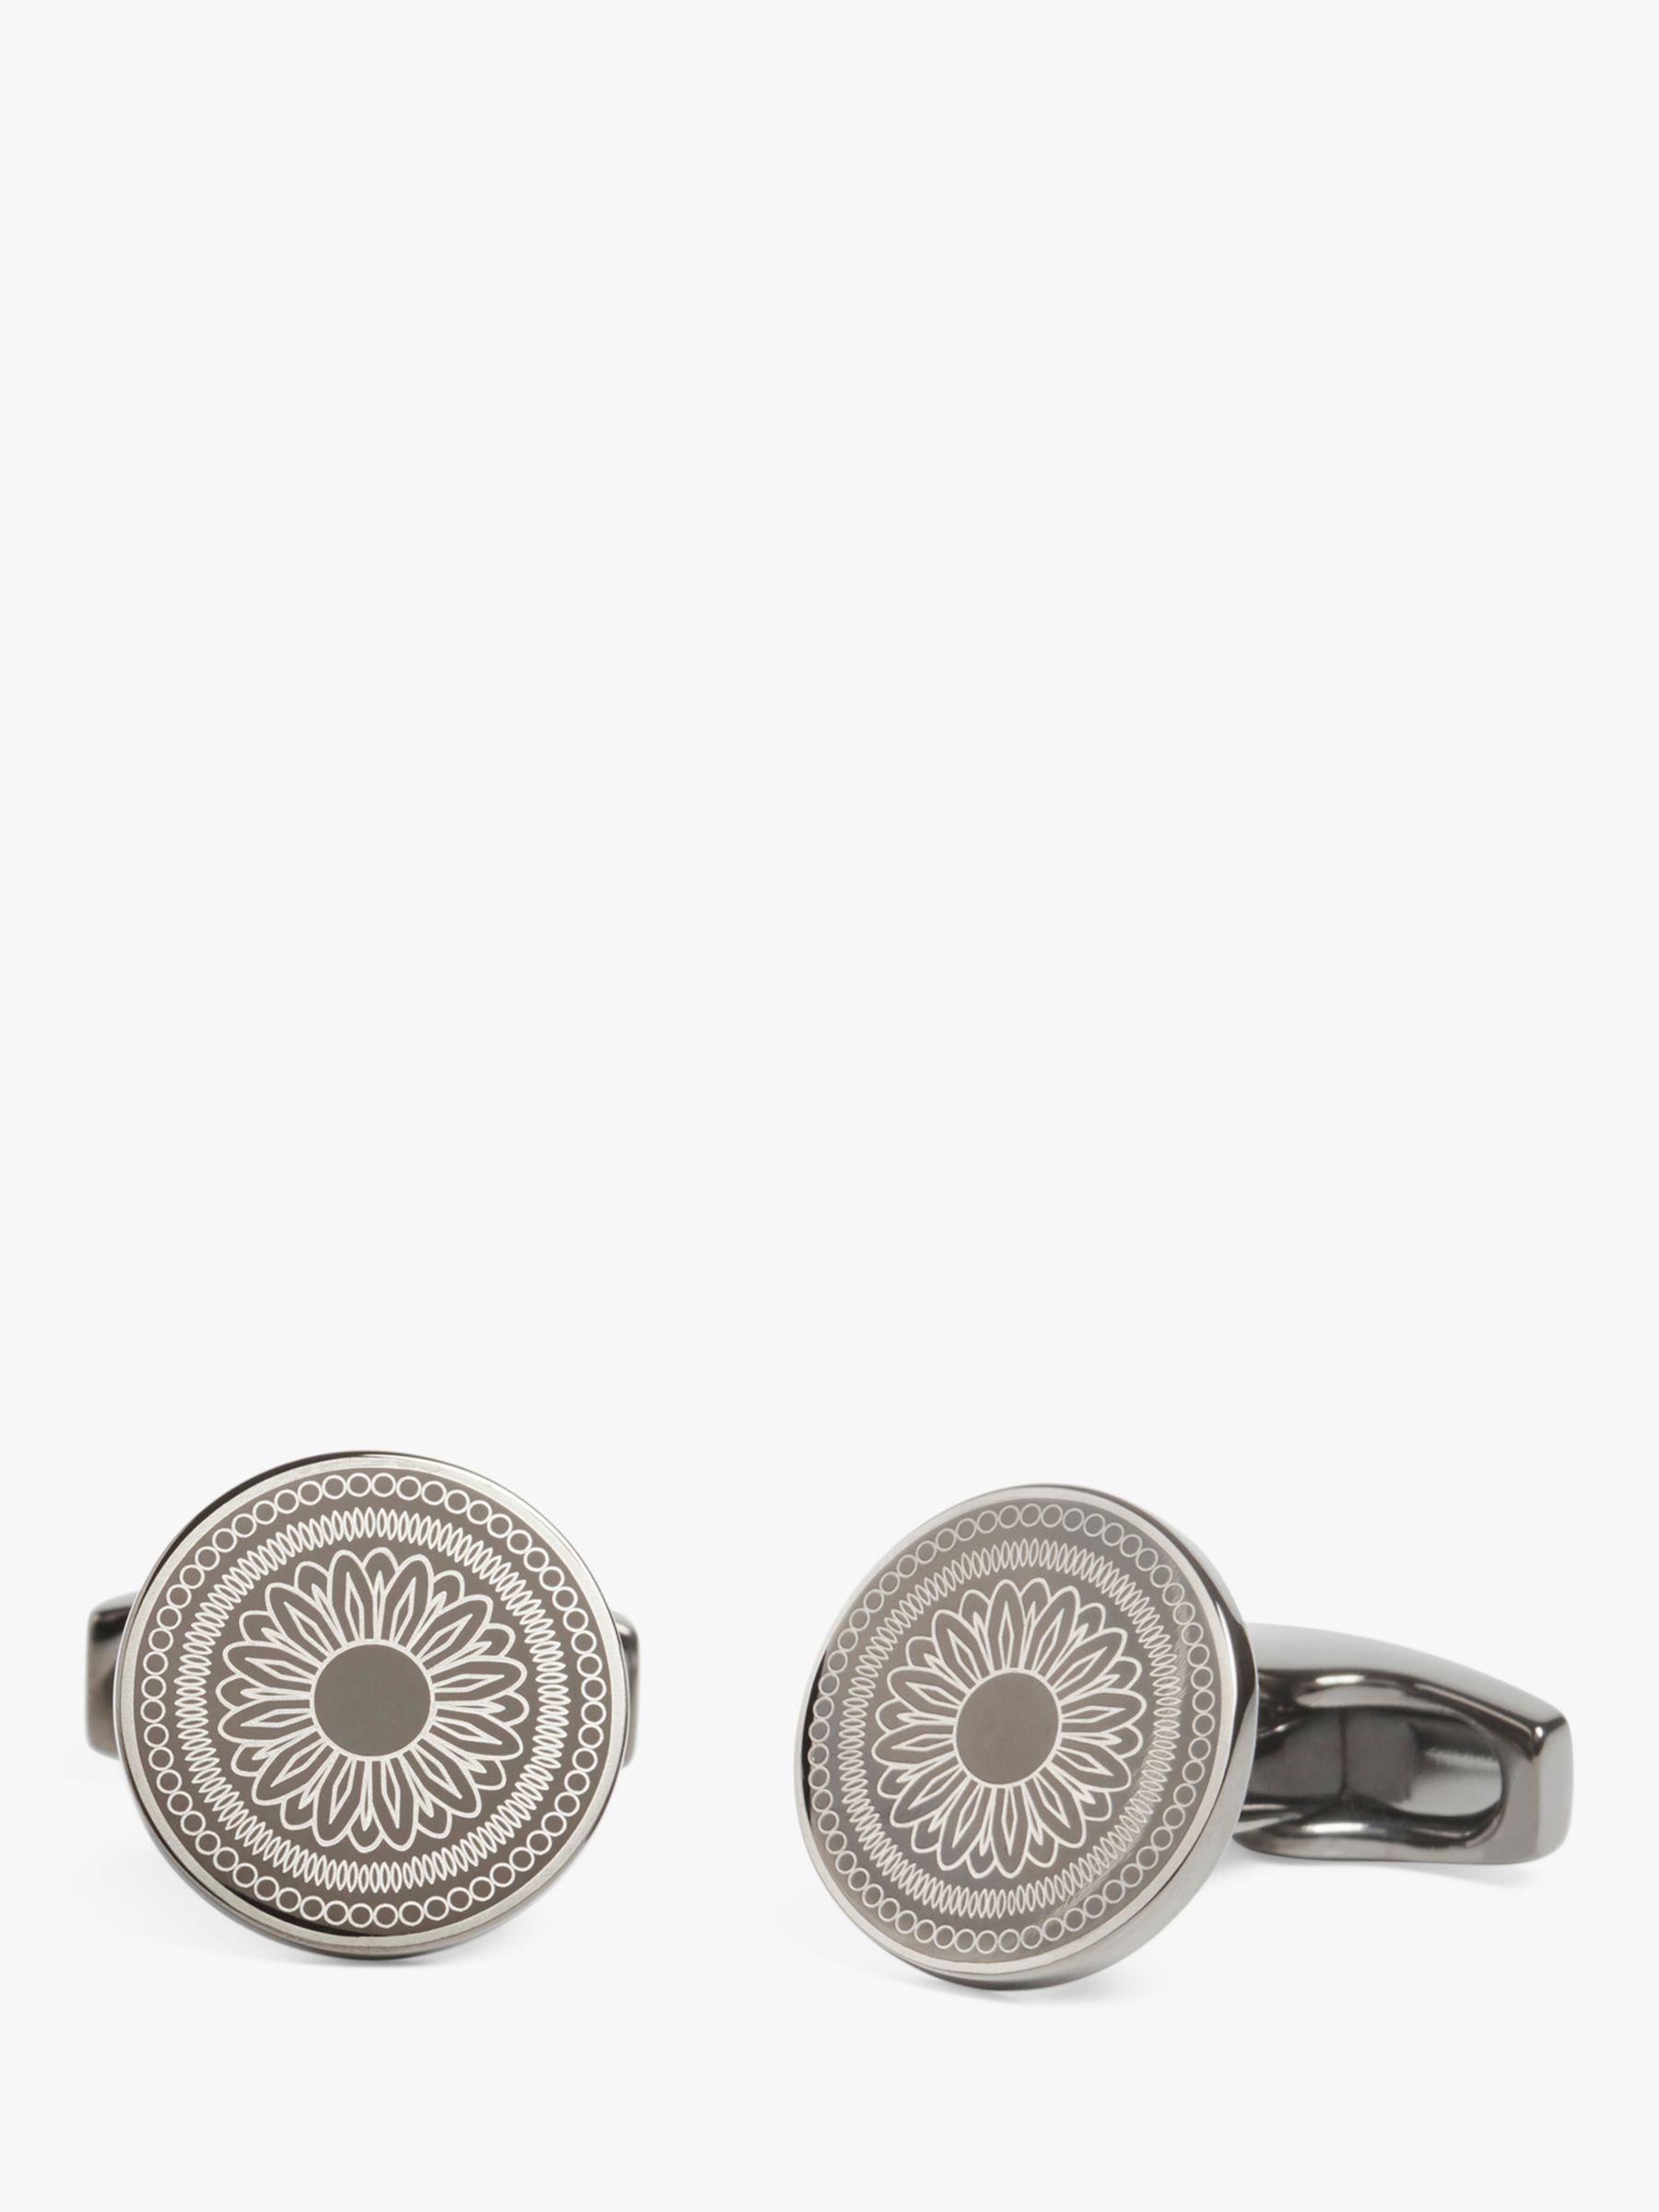 Simon Carter Simon Carter Laser Engraved Button Cufflinks, Gunmetal